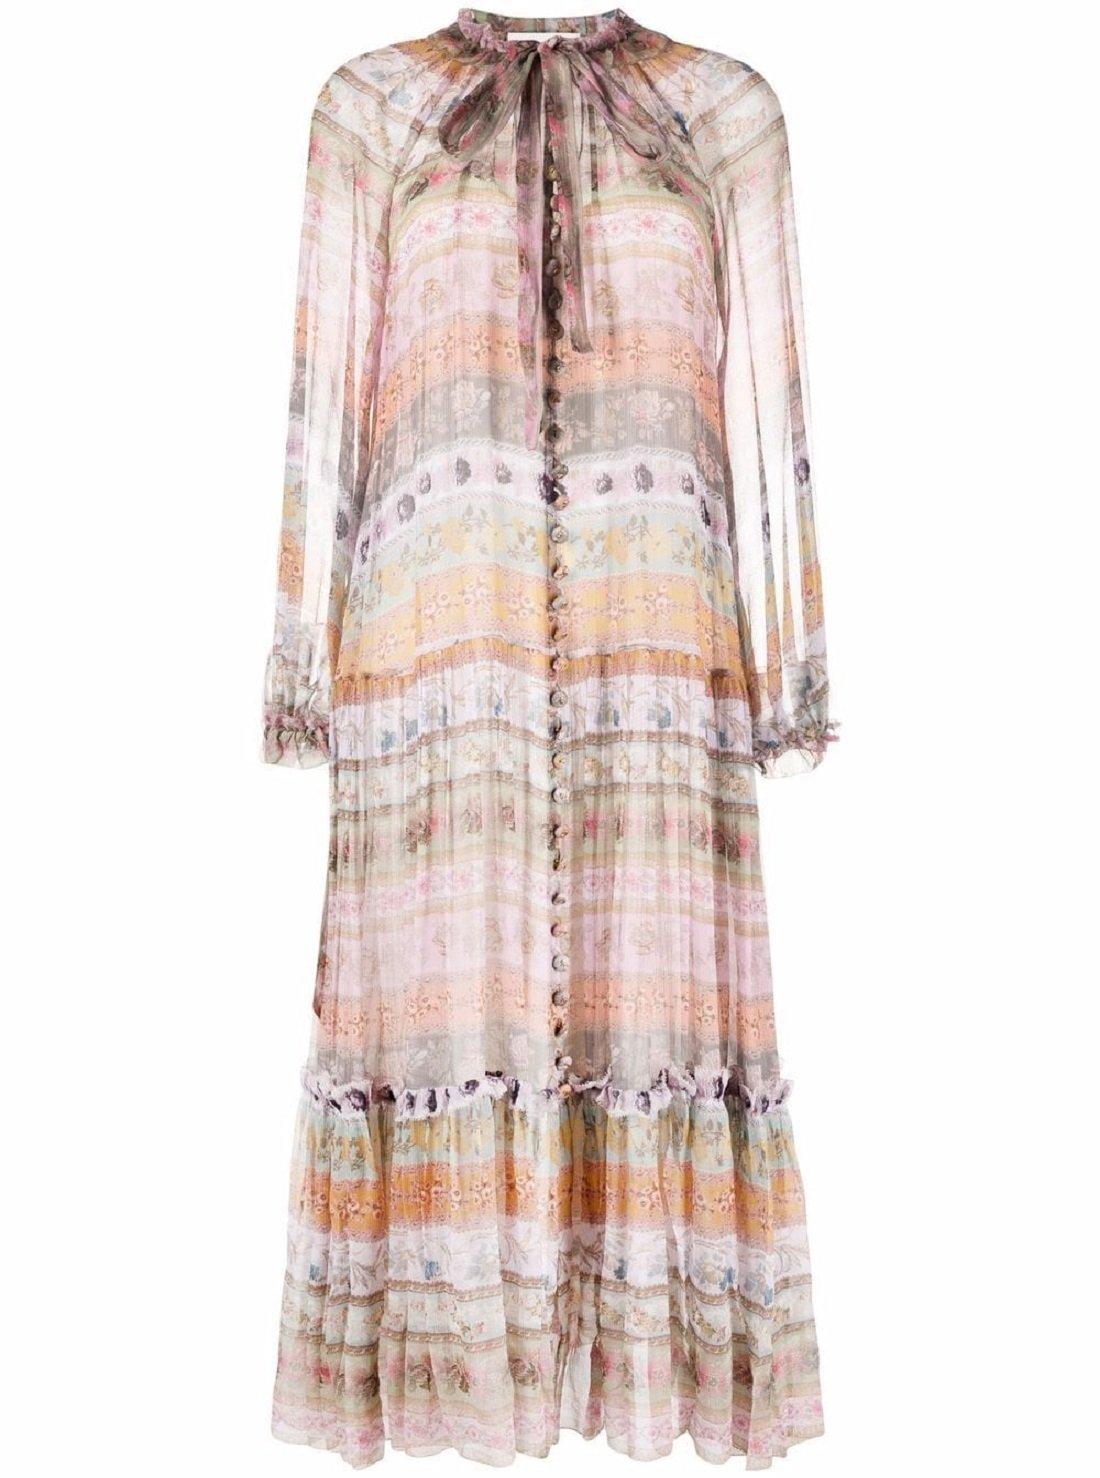 Luminous Ribbon Swing silk dress